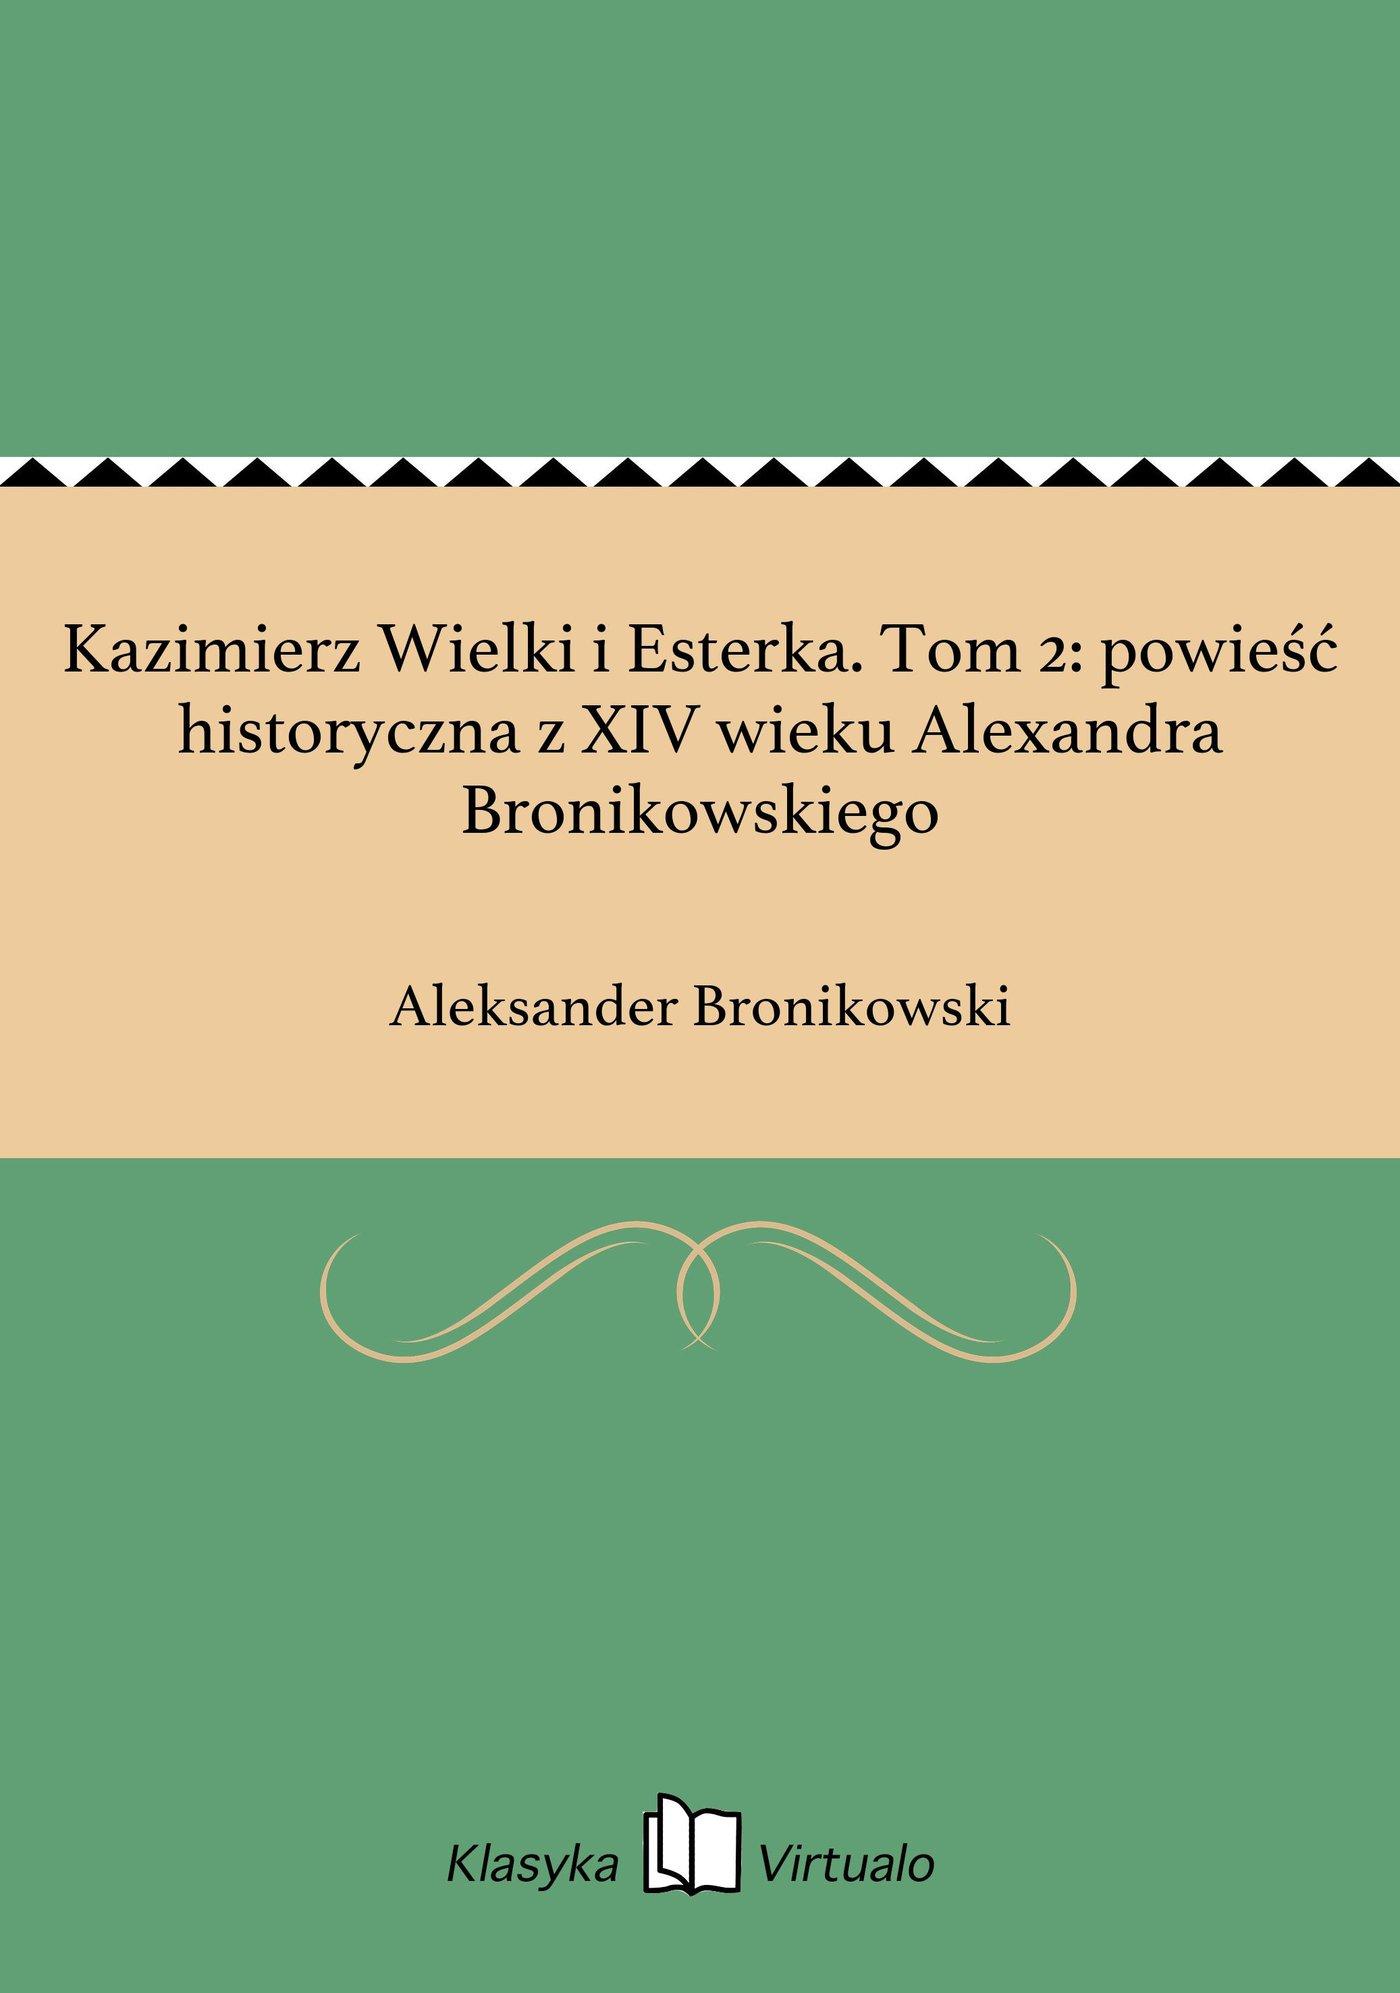 Kazimierz Wielki i Esterka. Tom 2: powieść historyczna z XIV wieku Alexandra Bronikowskiego - Ebook (Książka EPUB) do pobrania w formacie EPUB